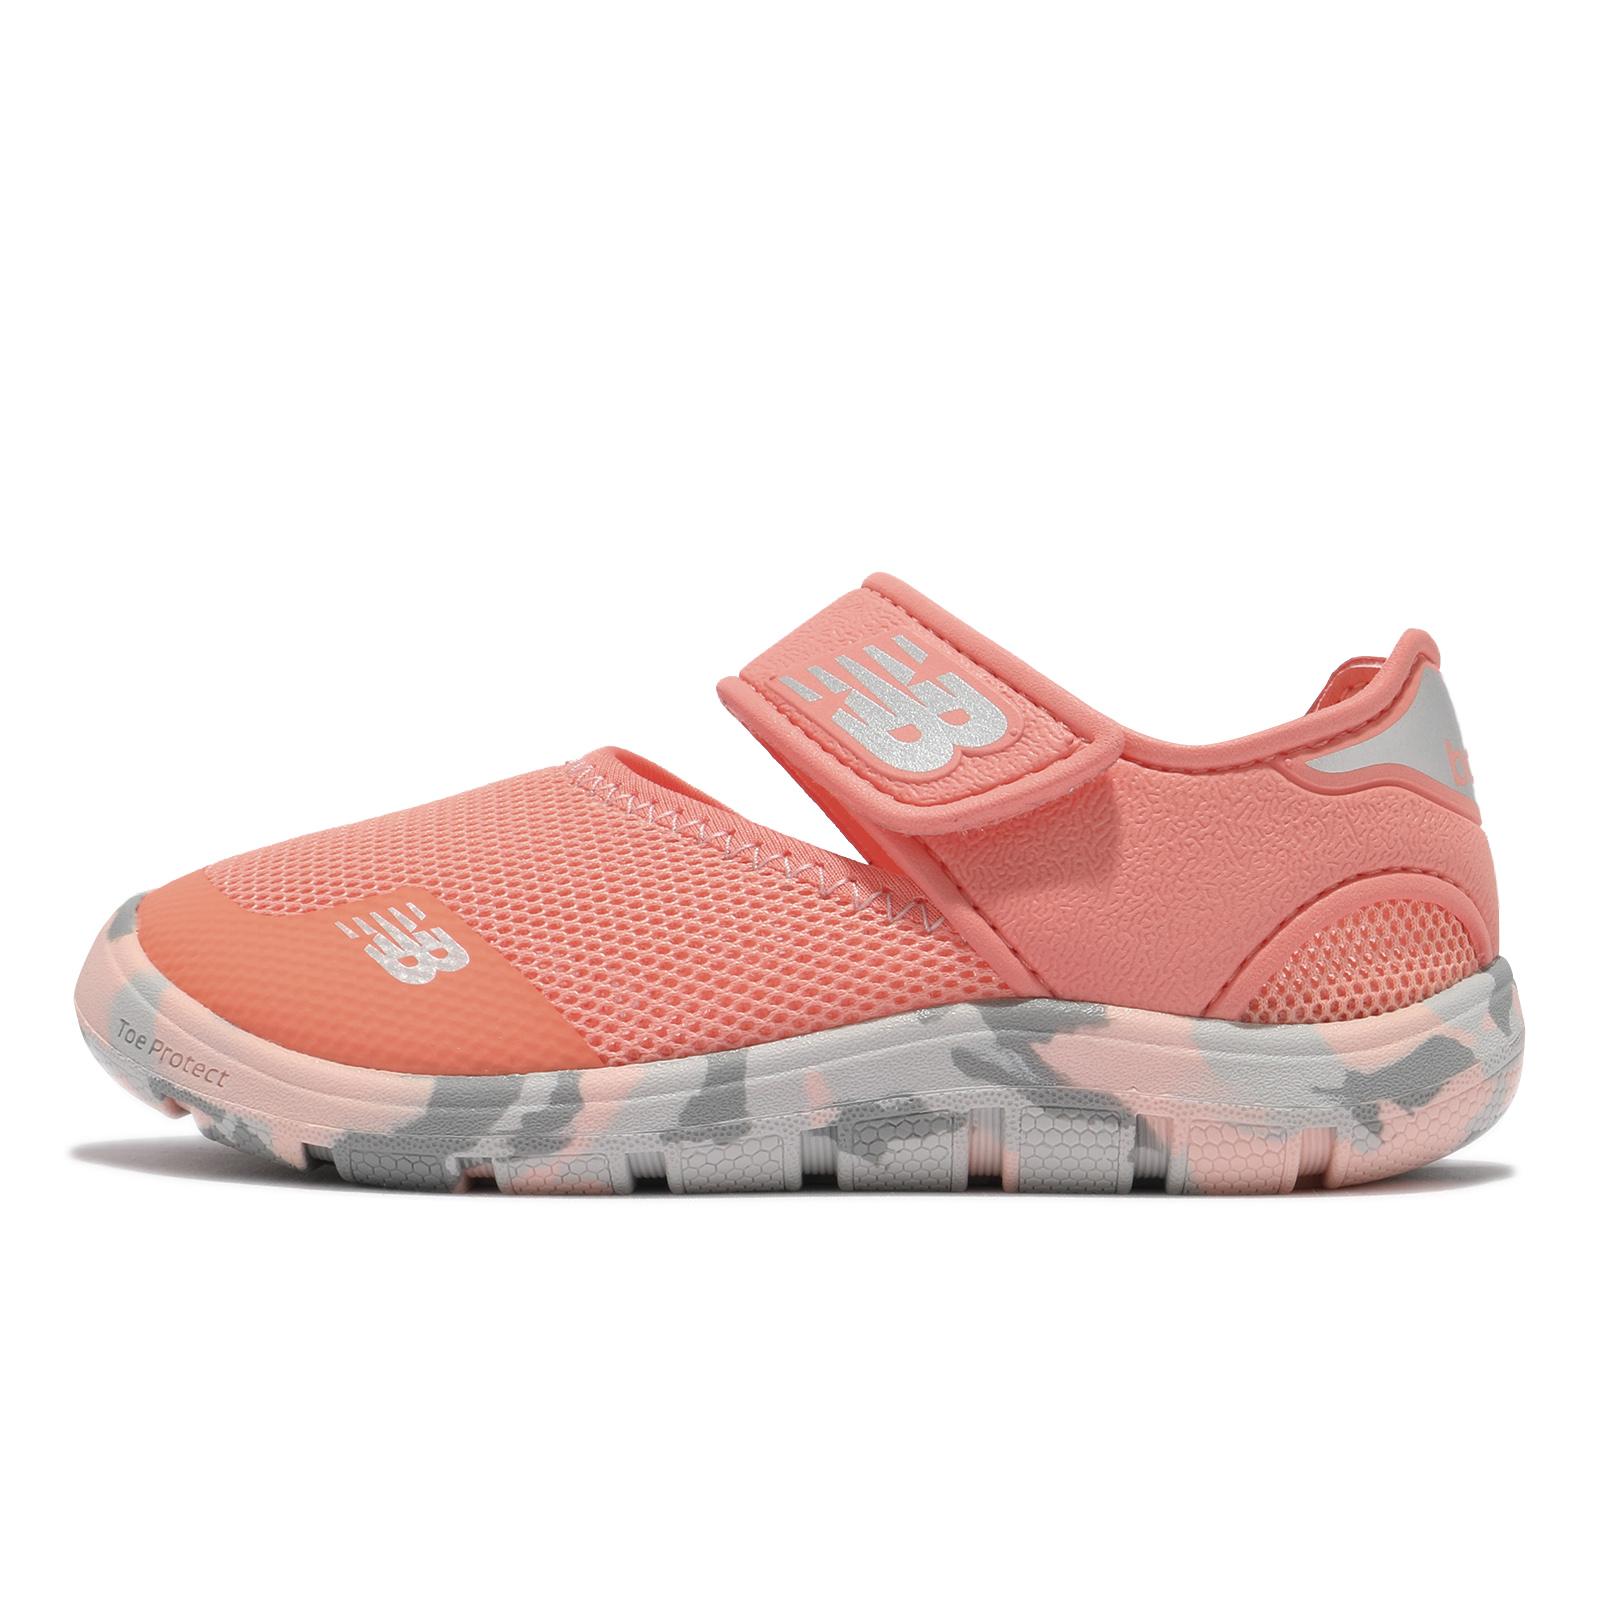 New Balance 童鞋 208 W 小朋友 NB 魔鬼氈 橘 灰 迷彩 涼鞋 運動鞋【ACS】 YO208PK2W